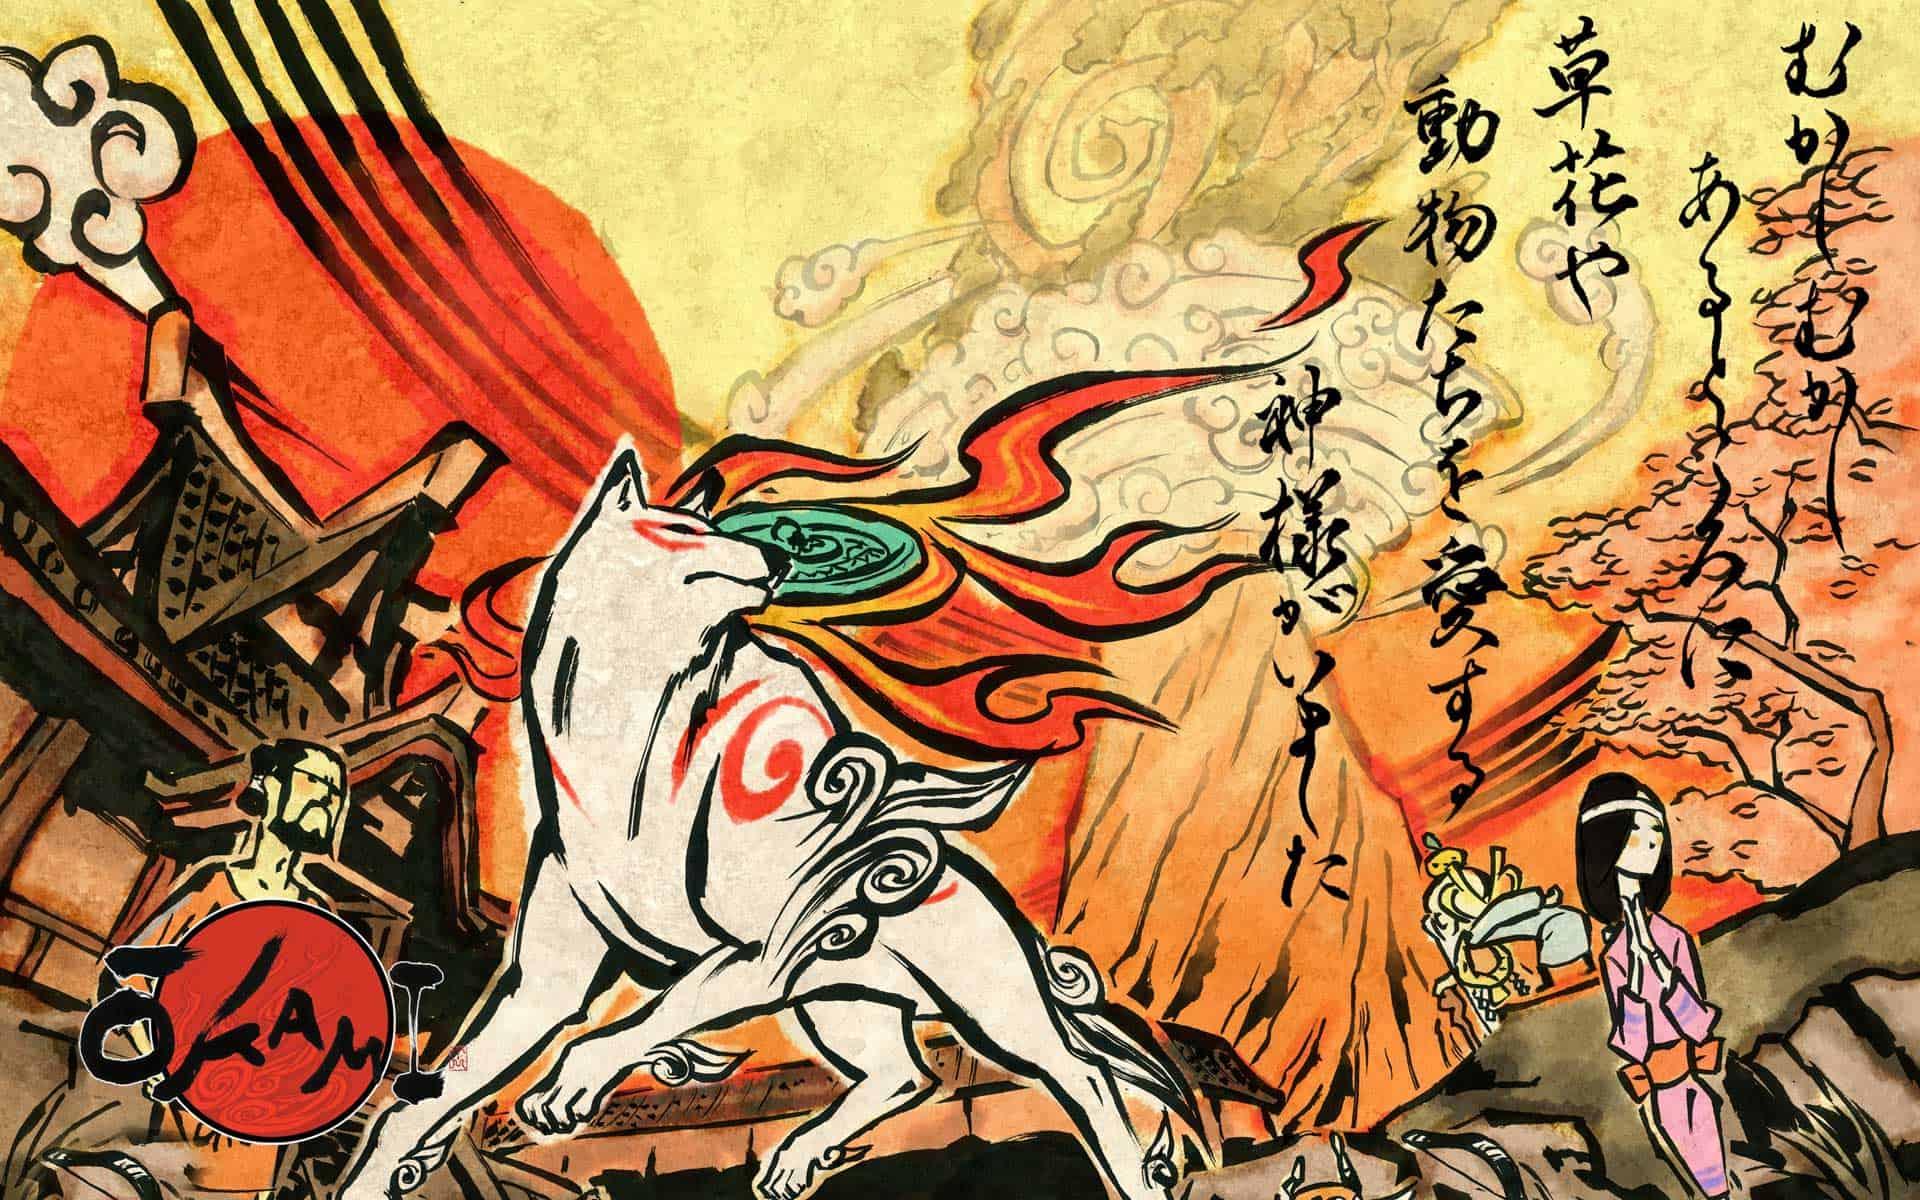 Okami HD: data d'uscita, prezzo e trailer per le versioni PS4, Xbox One e PC